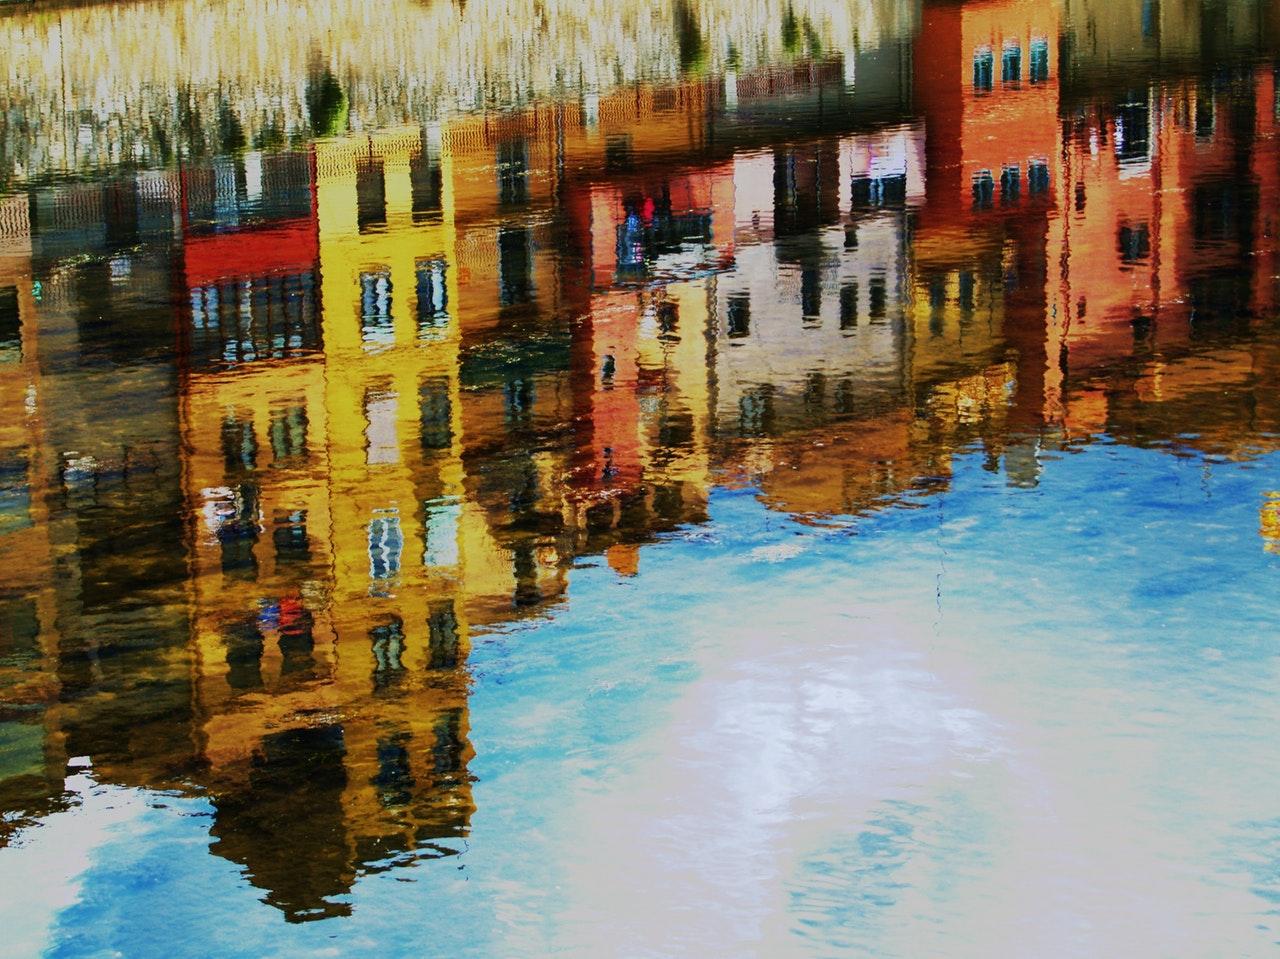 pexels-photo-164455